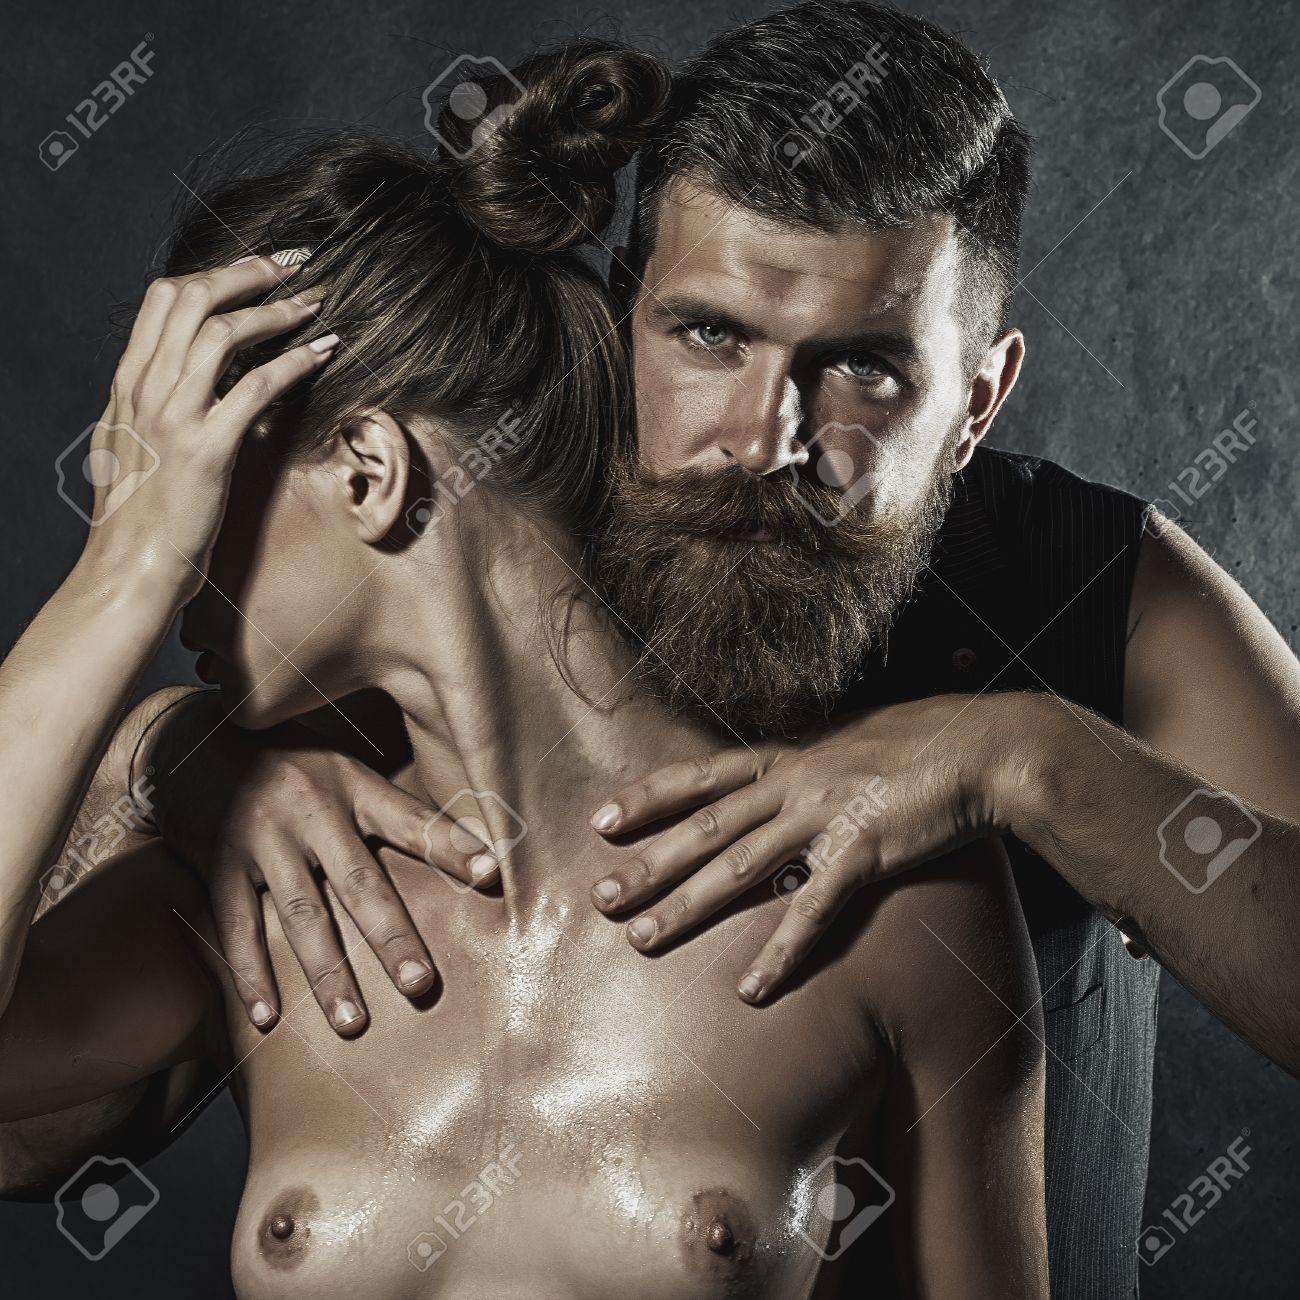 BDSM-Workshop nrw Fotografie nacktes Paar Orgasmus